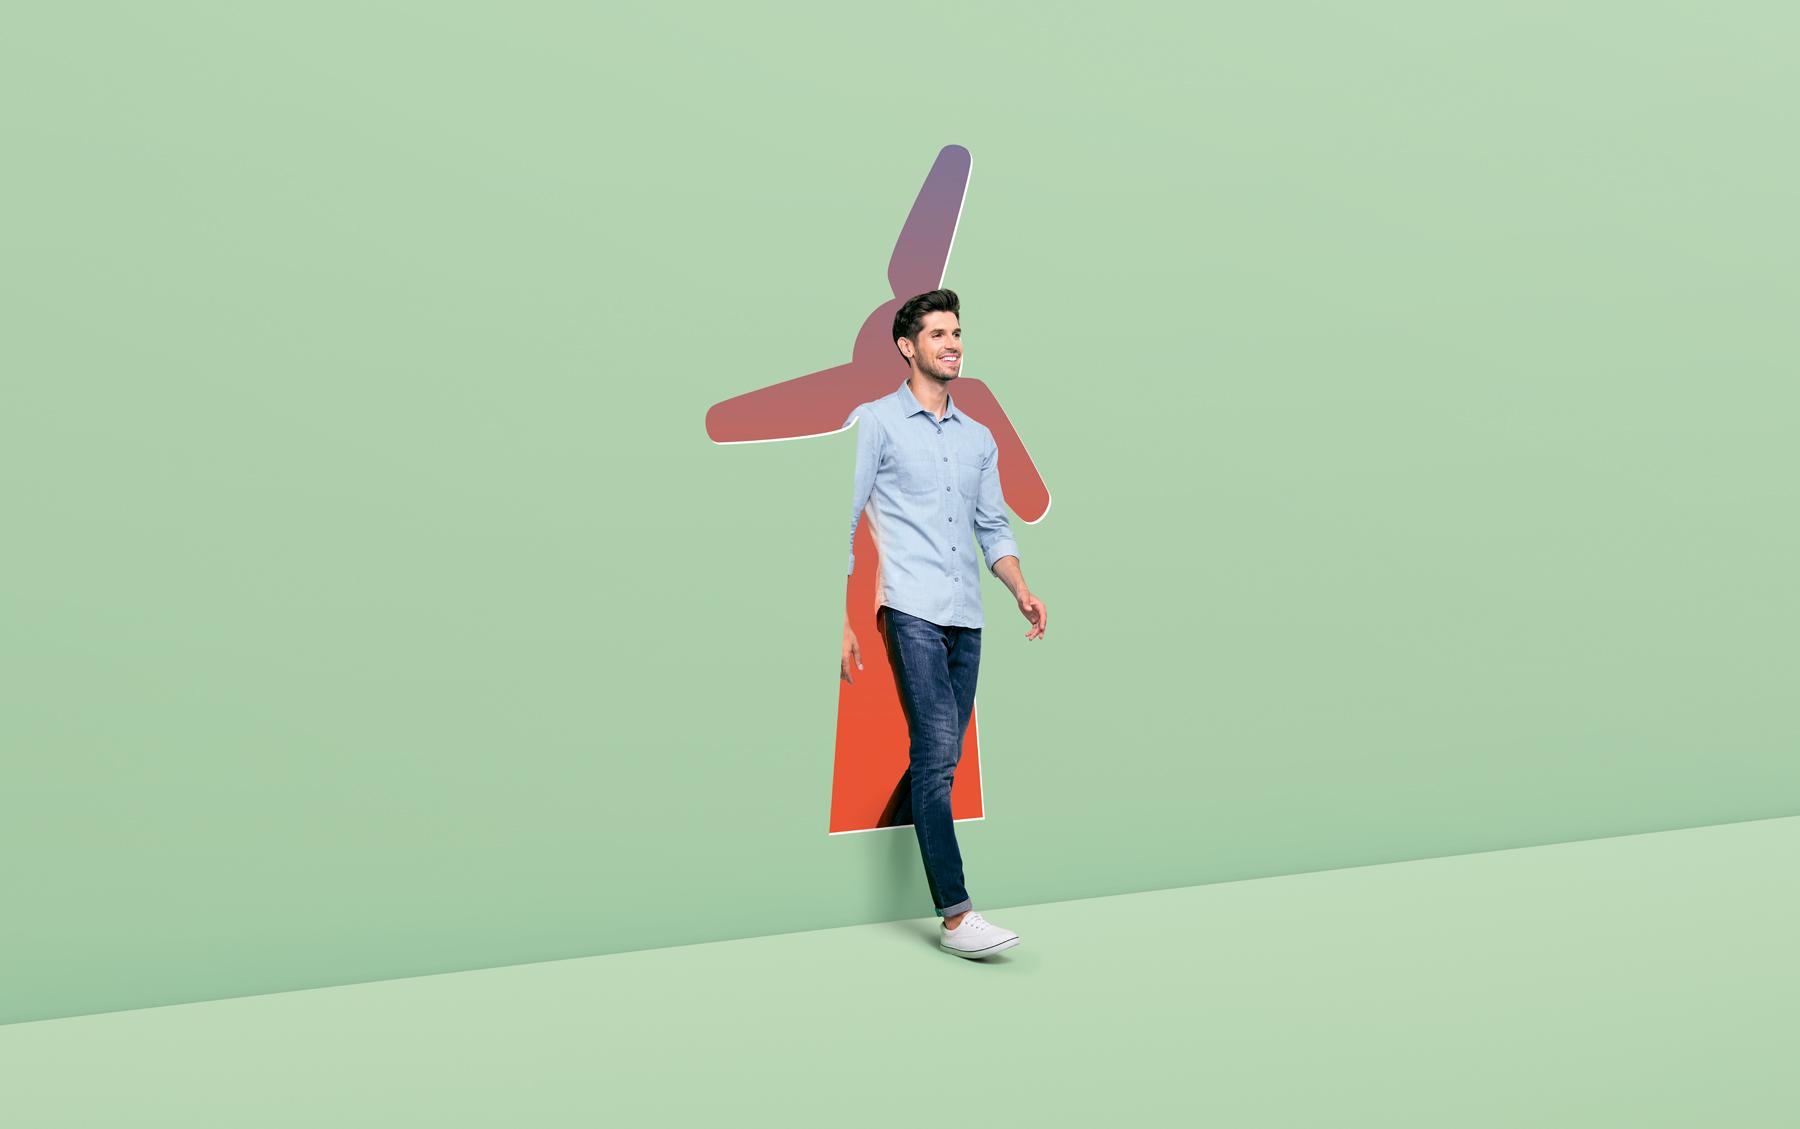 benjamin lecoq-graphiste - directeur artistique - paris -publicite site motion logo identite - groupe la francaise - campagne investissement durable - annonce bas carbonne